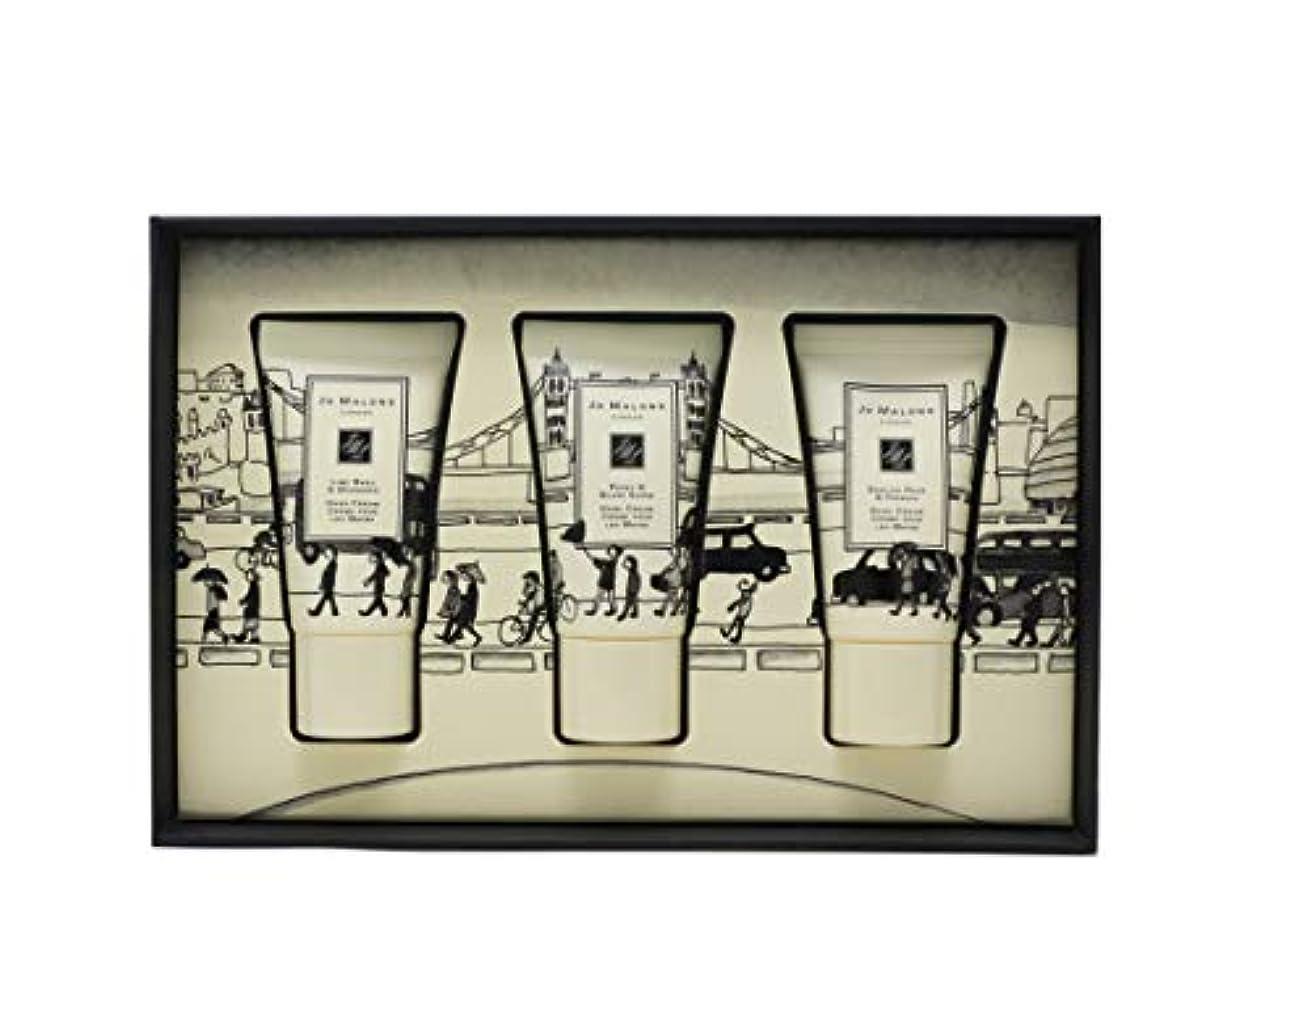 ファン常習的指定JO MALONE LONDON (ジョー マローン ロンドン) ハンド クリーム コレクション